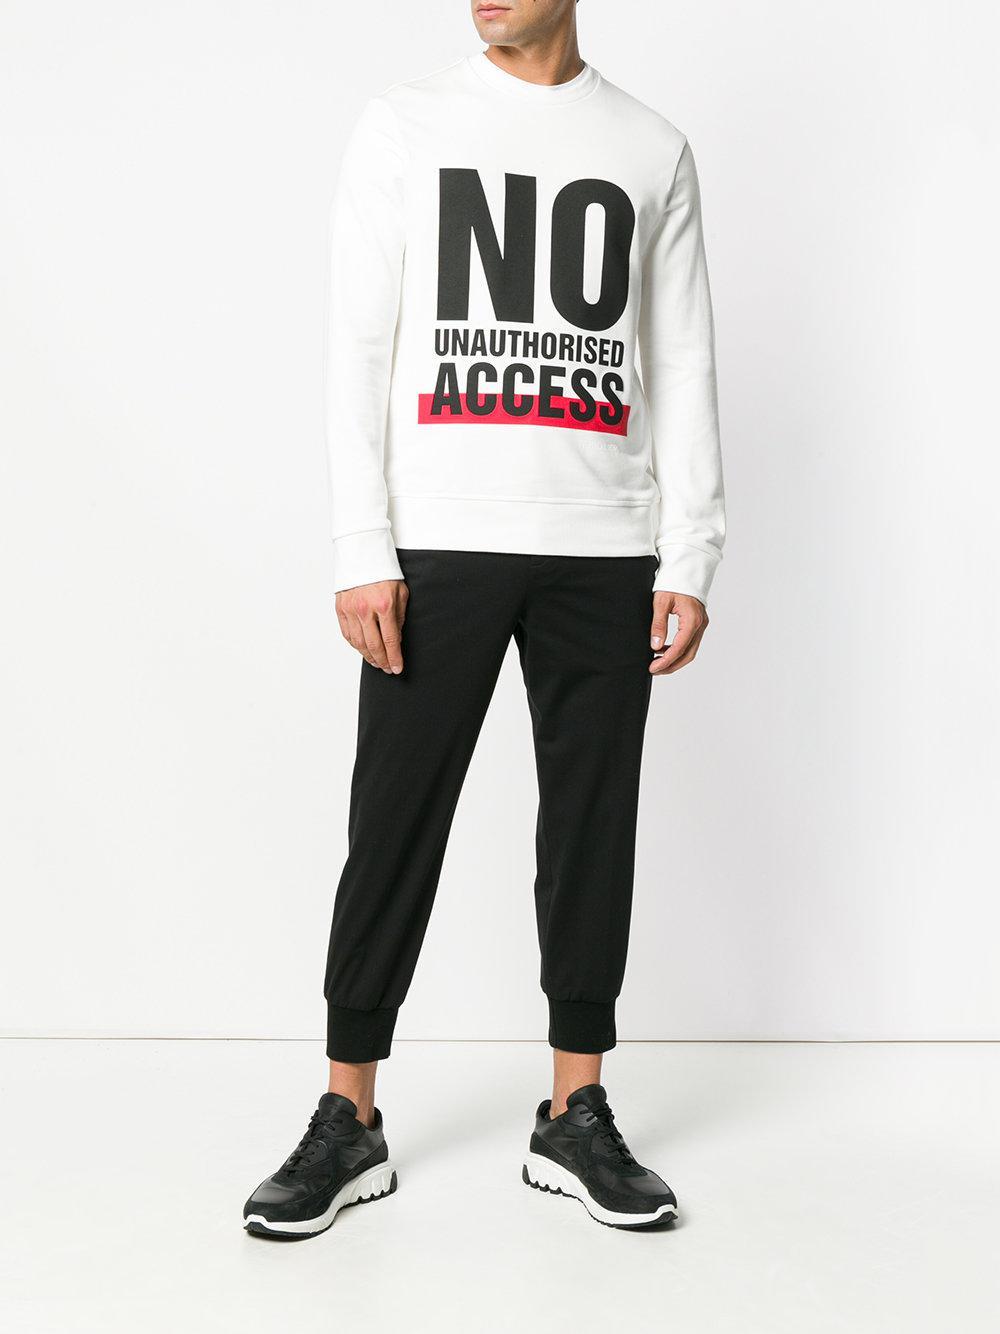 cef88c133081ab neil-barrett-White-No-Unauthorised-Access-Sweatshirt.jpeg